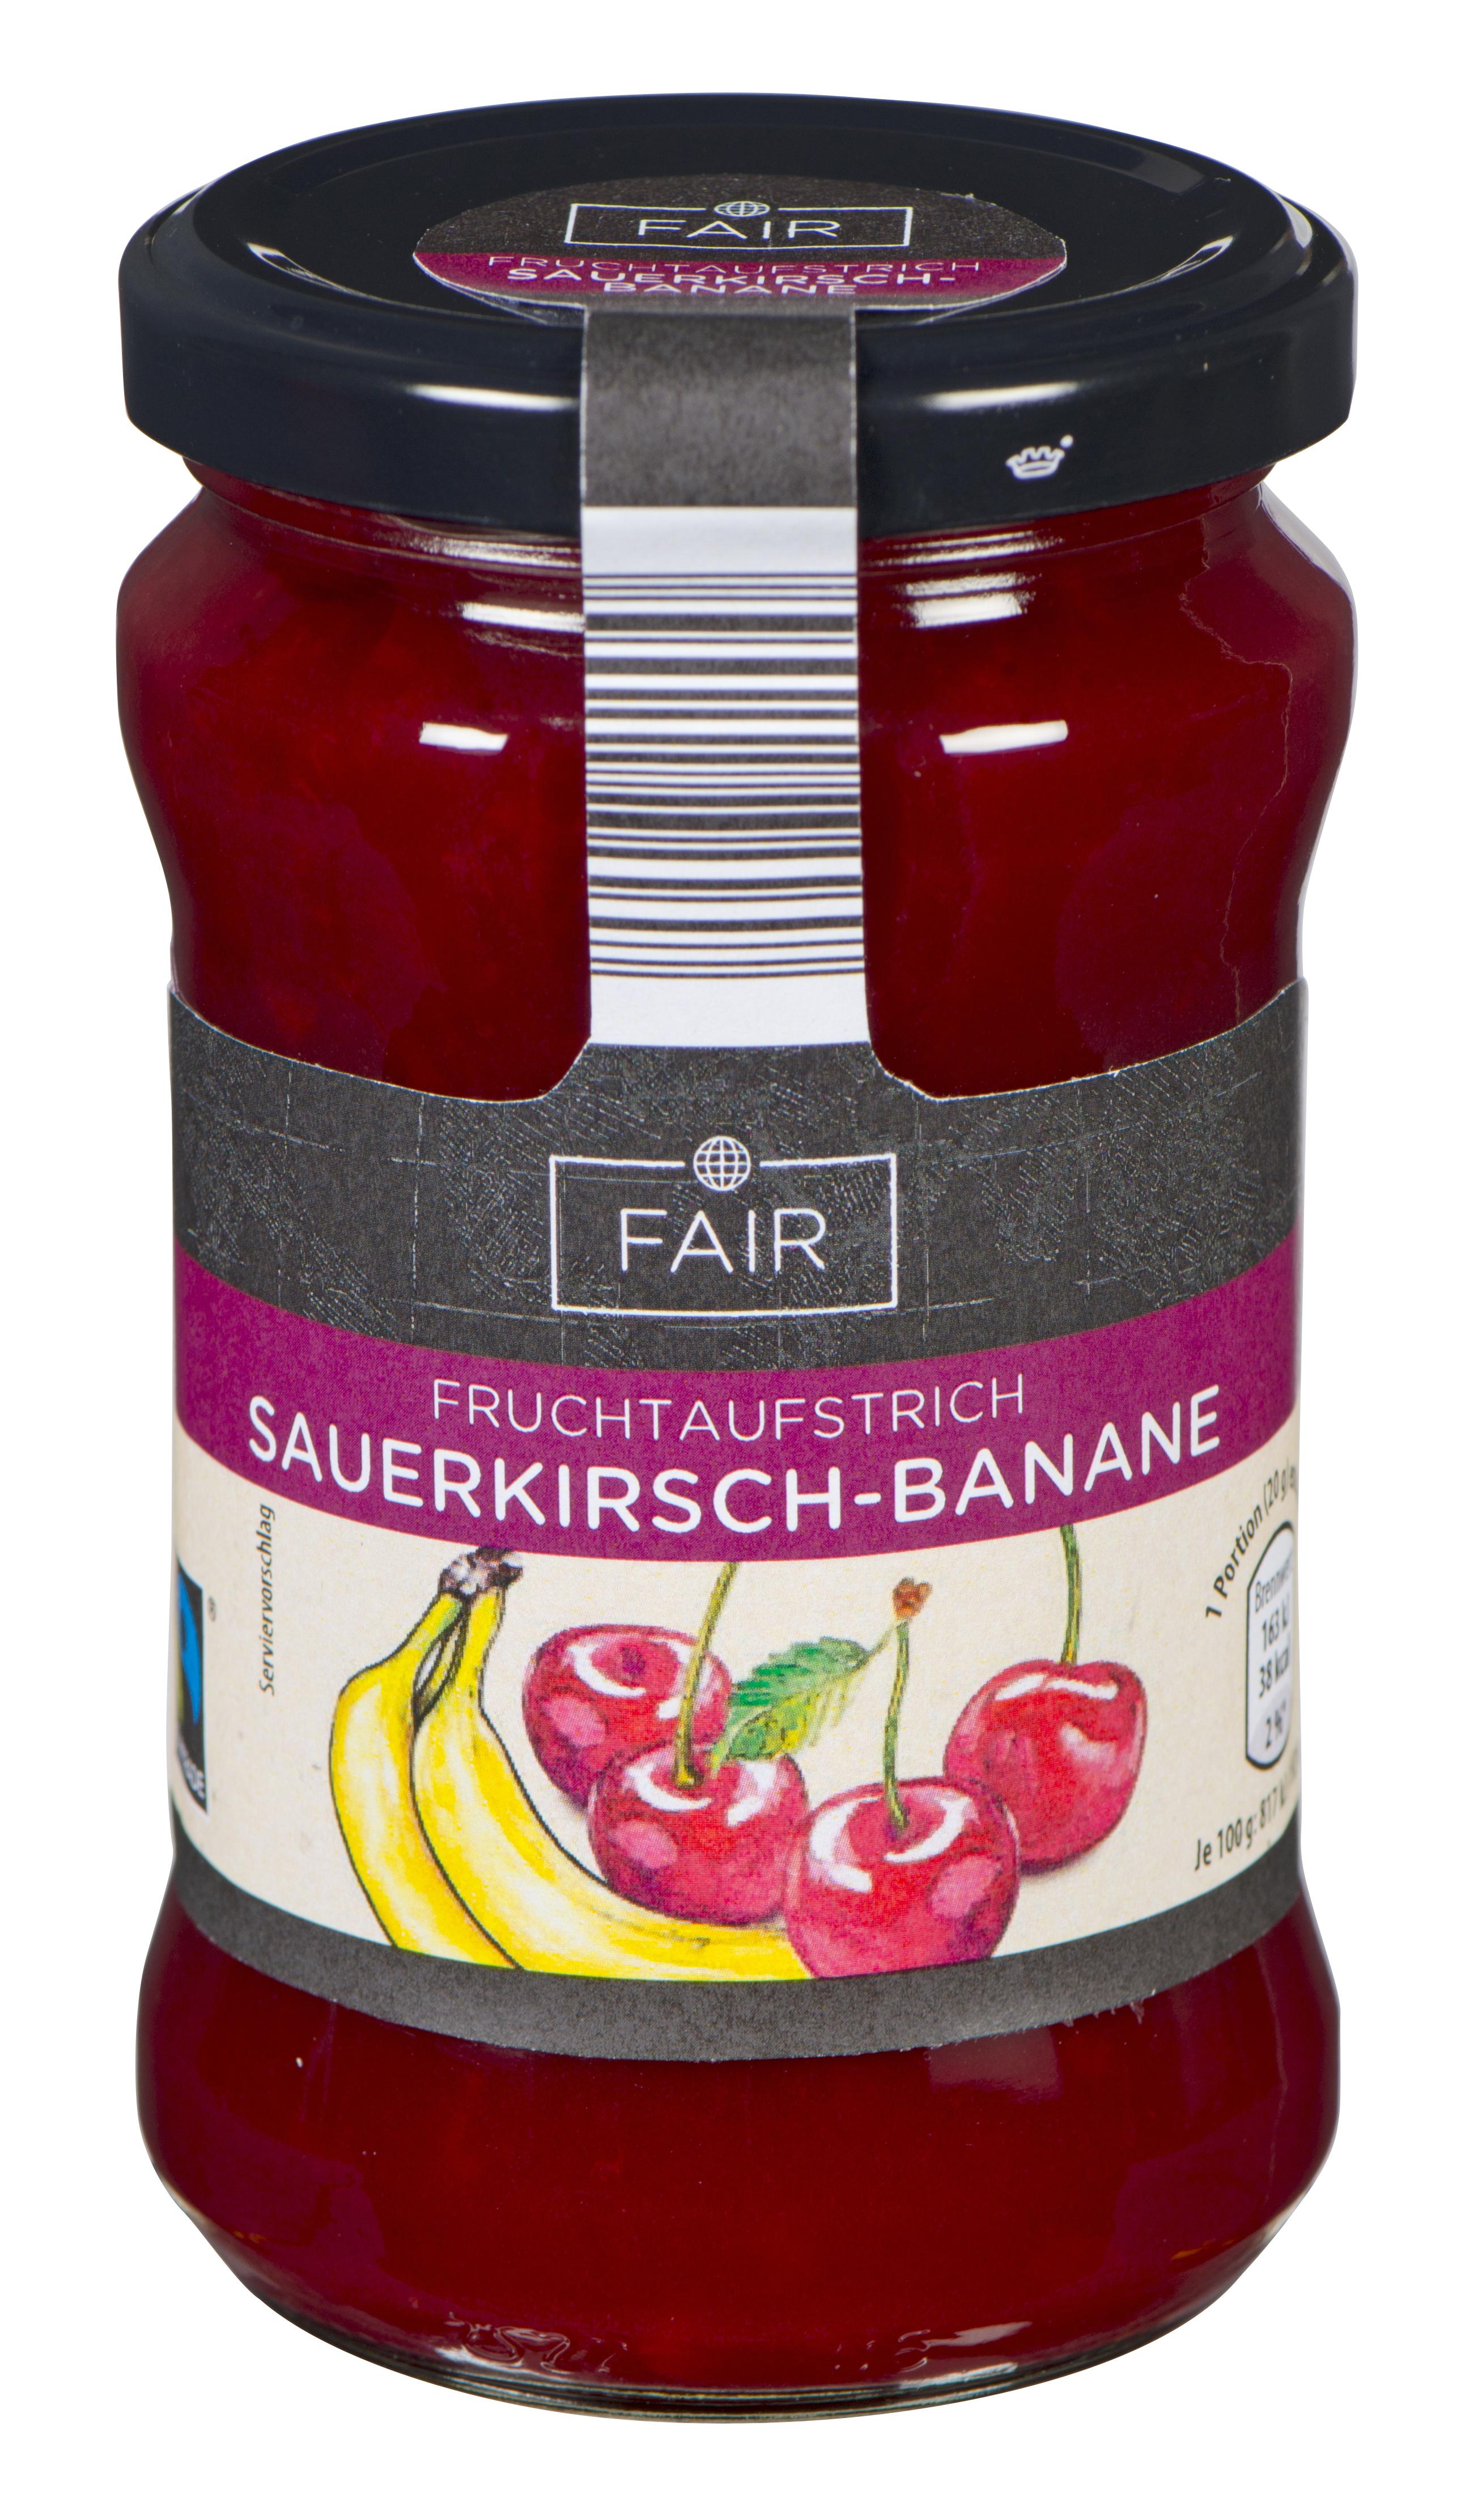 Fruchtaufstrich, Sauerkirsche-Banane